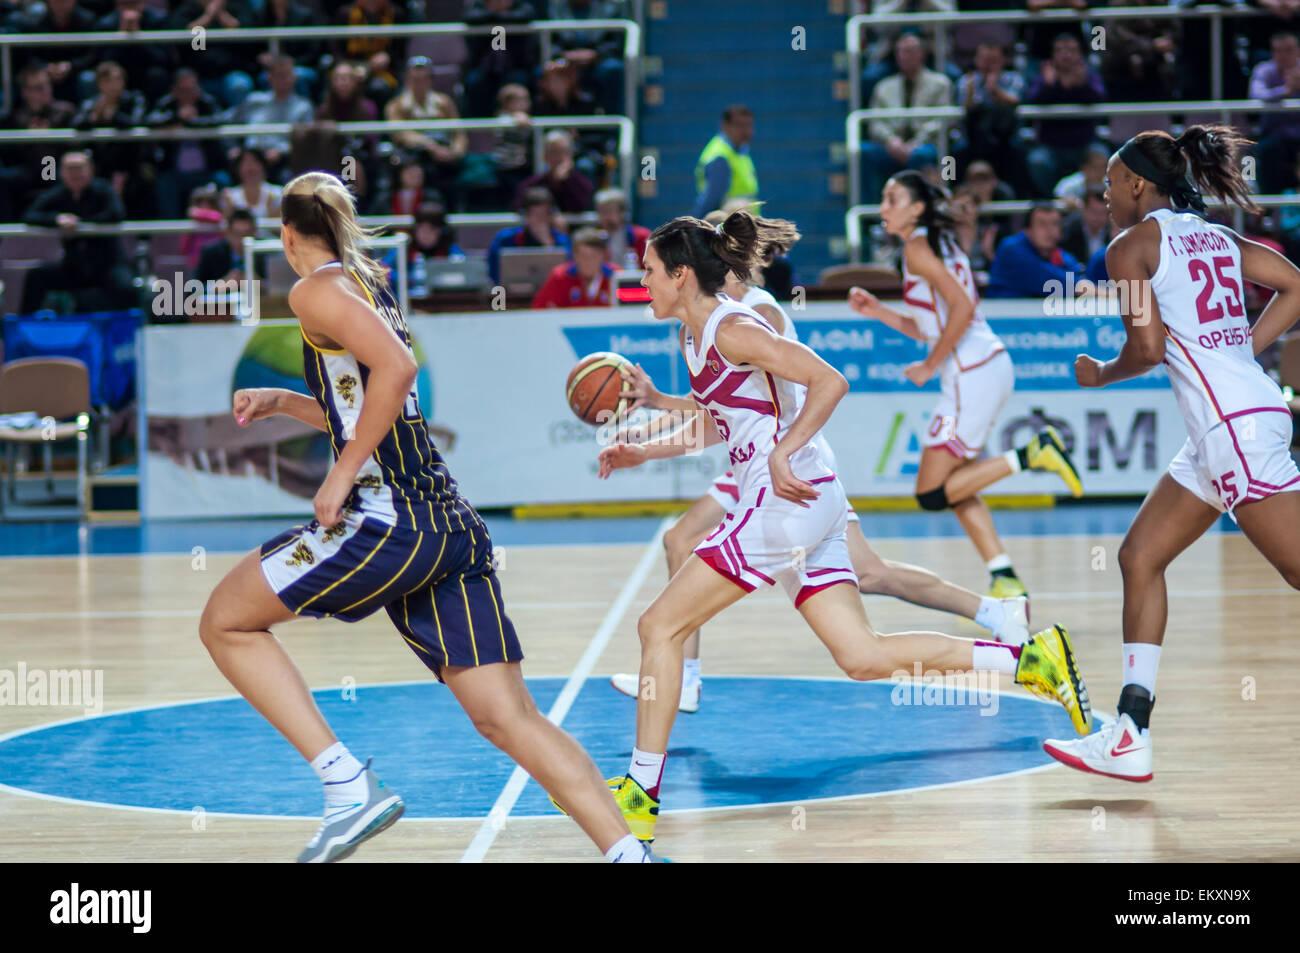 Tolle Basketball Farbseiten Bilder - Druckbare Malvorlagen - amaichi ...